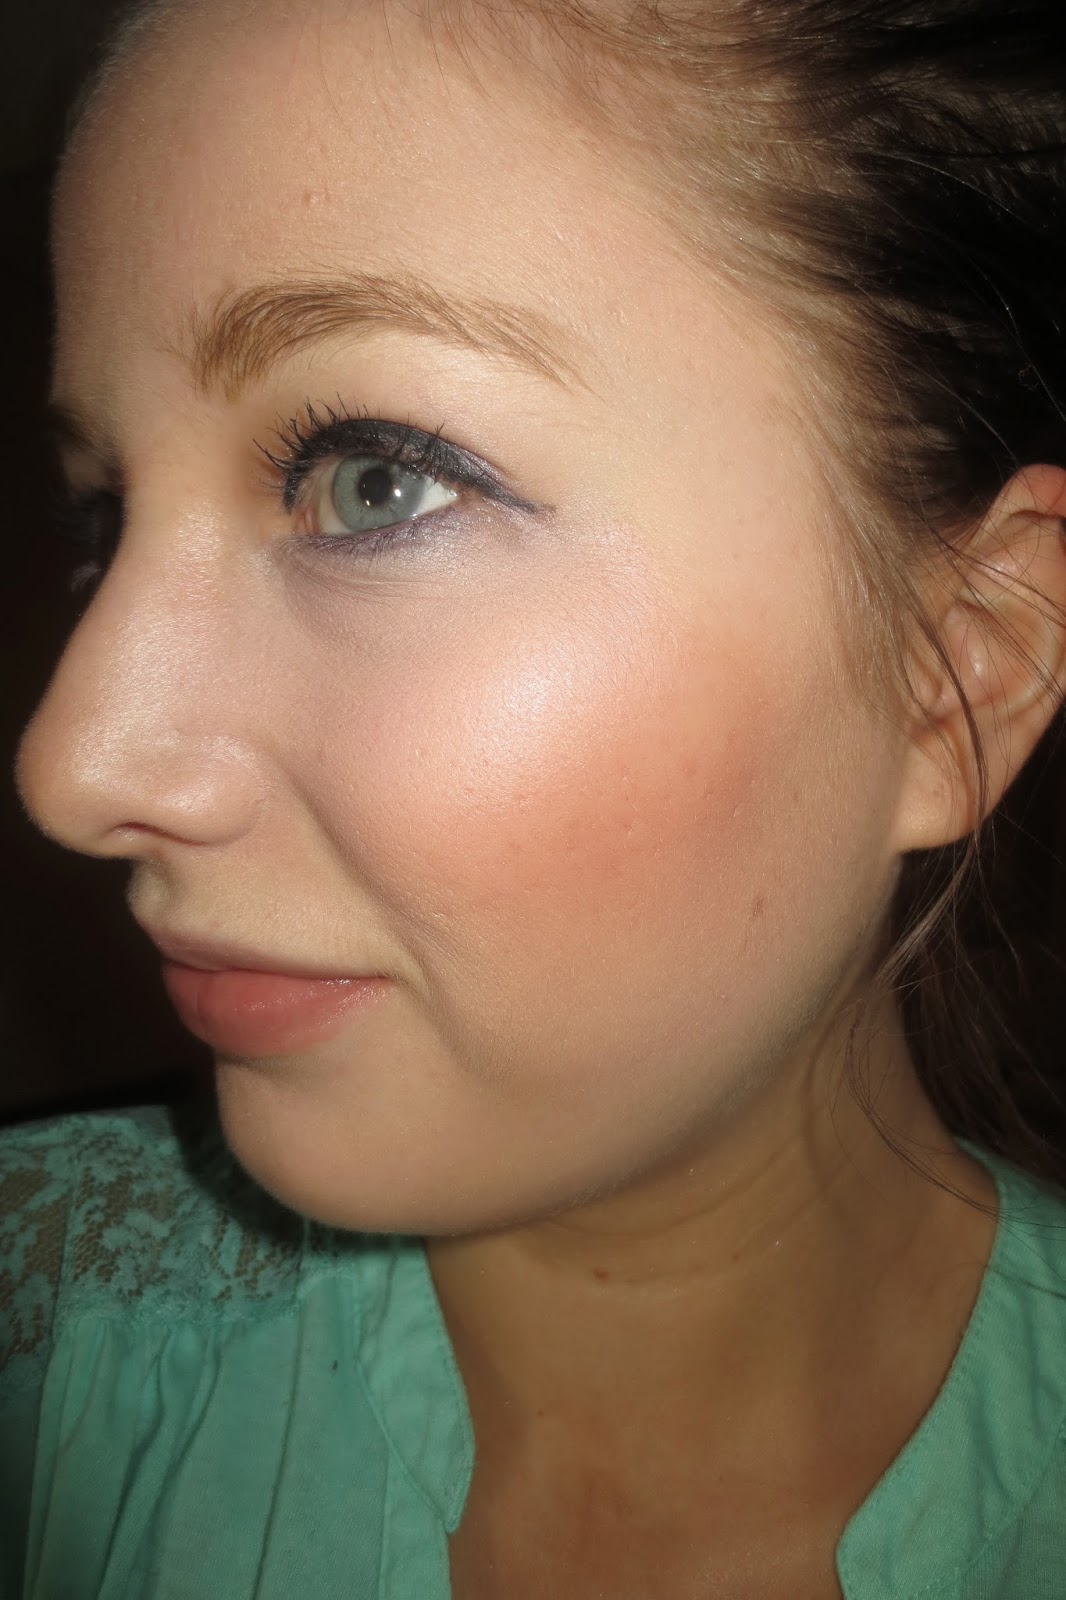 Stila Convertible Color in Camellia on Cheeks